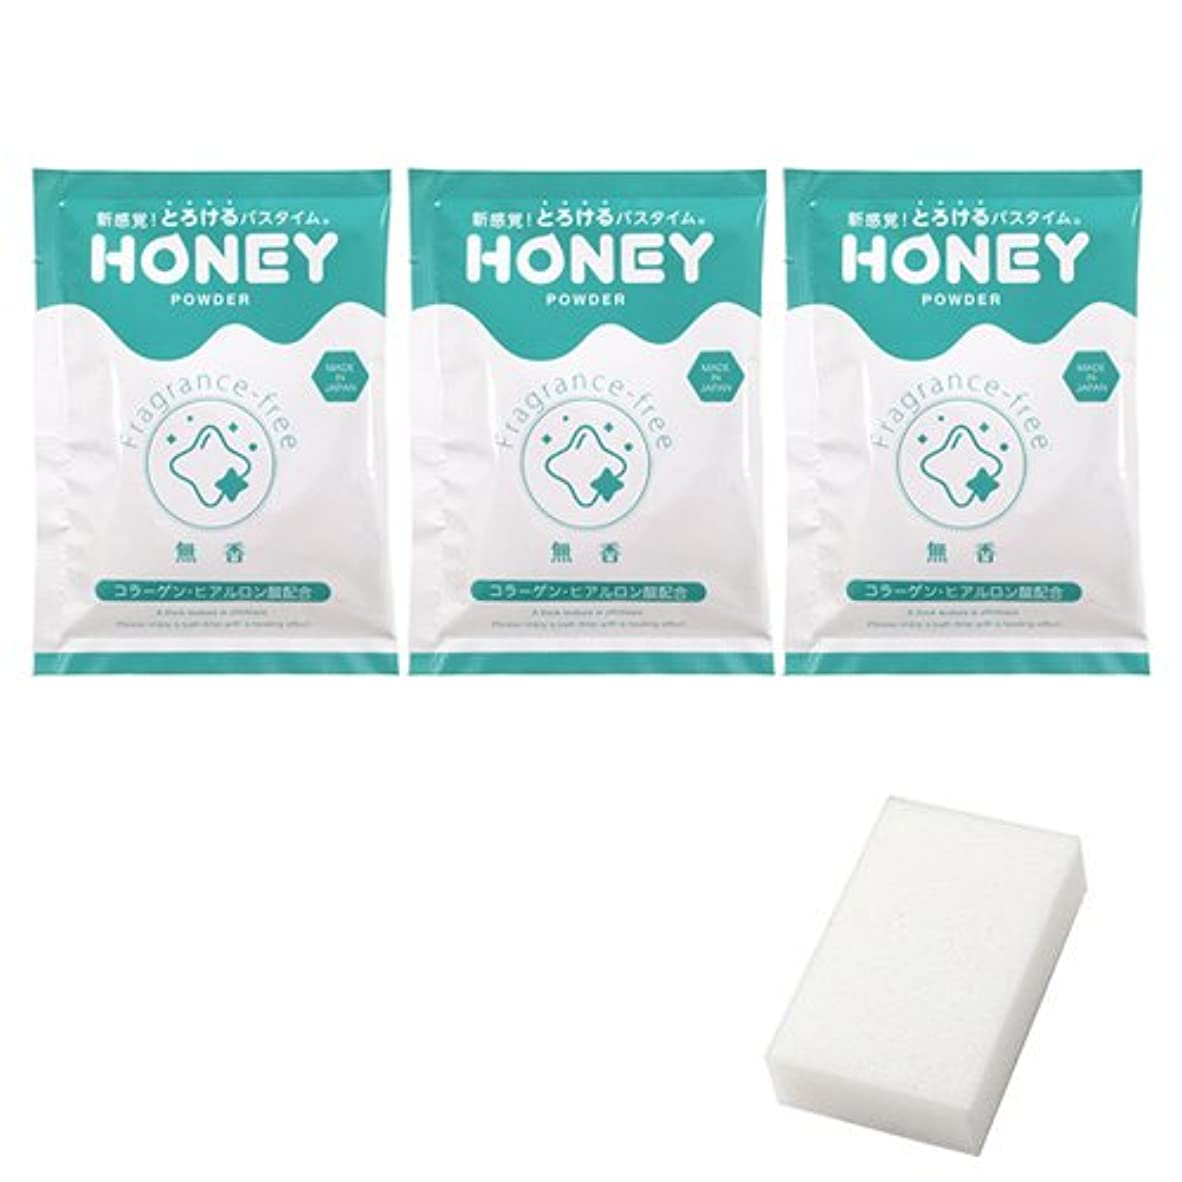 特別な優先火とろとろ入浴剤【honey powder】(ハニーパウダー) 無香タイプ 3個セット + 圧縮スポンジセット